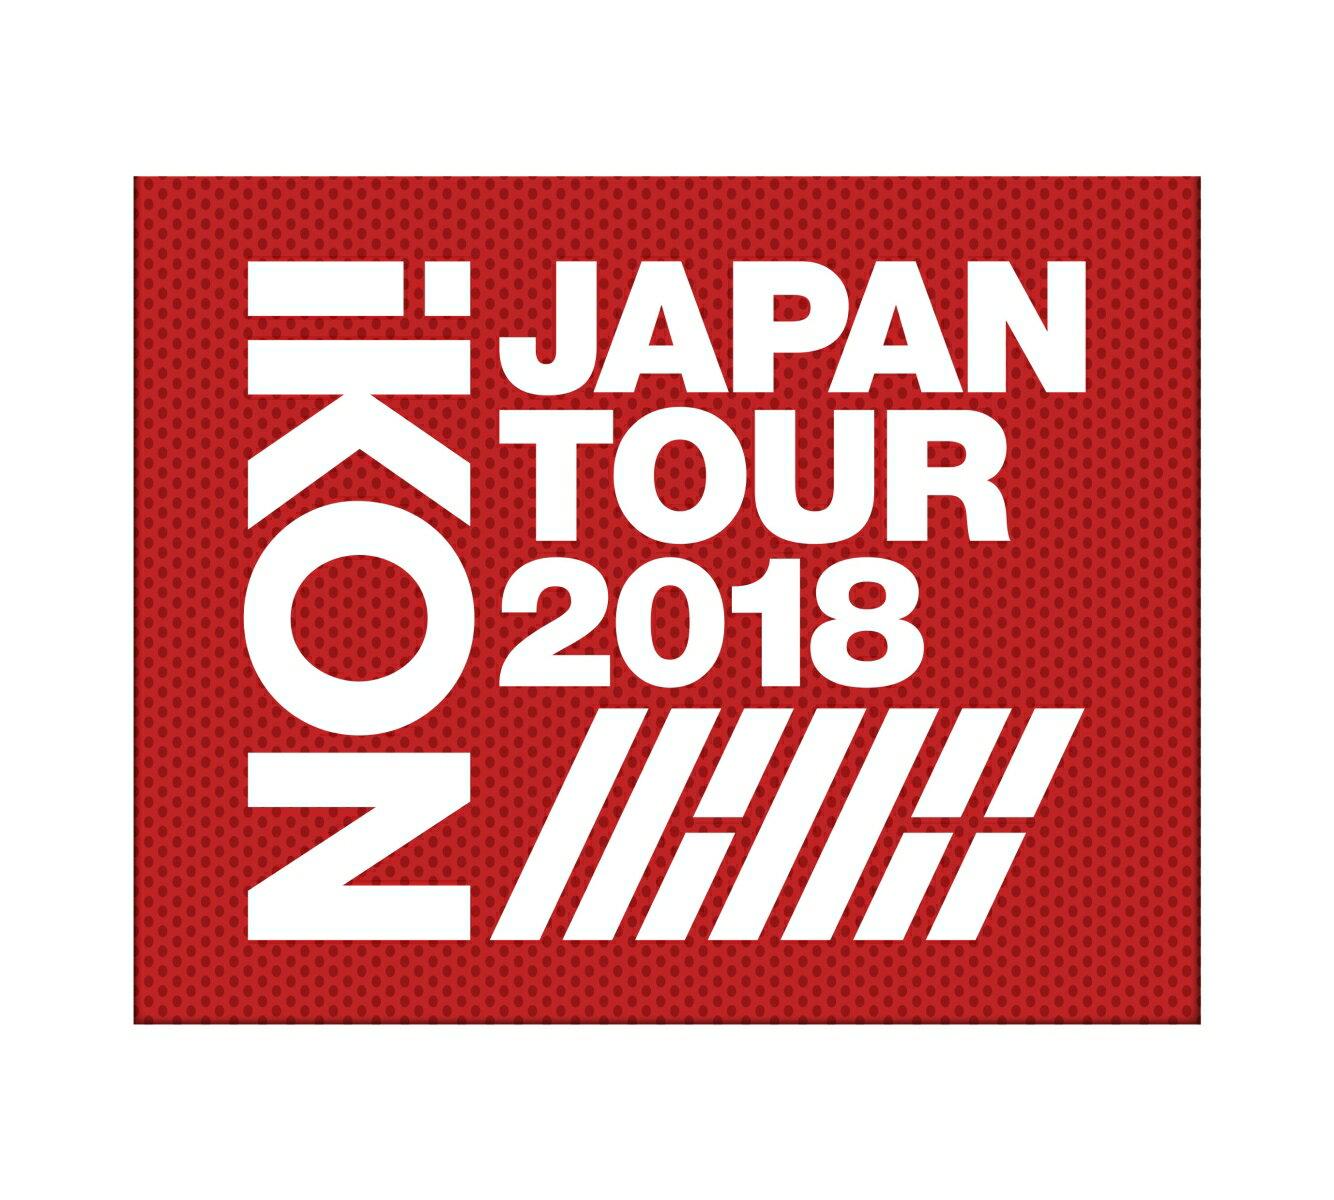 iKON JAPAN TOUR 2018(3DVD+2CD スマプラムービー&ミュージック対応)(初回生産限定盤)